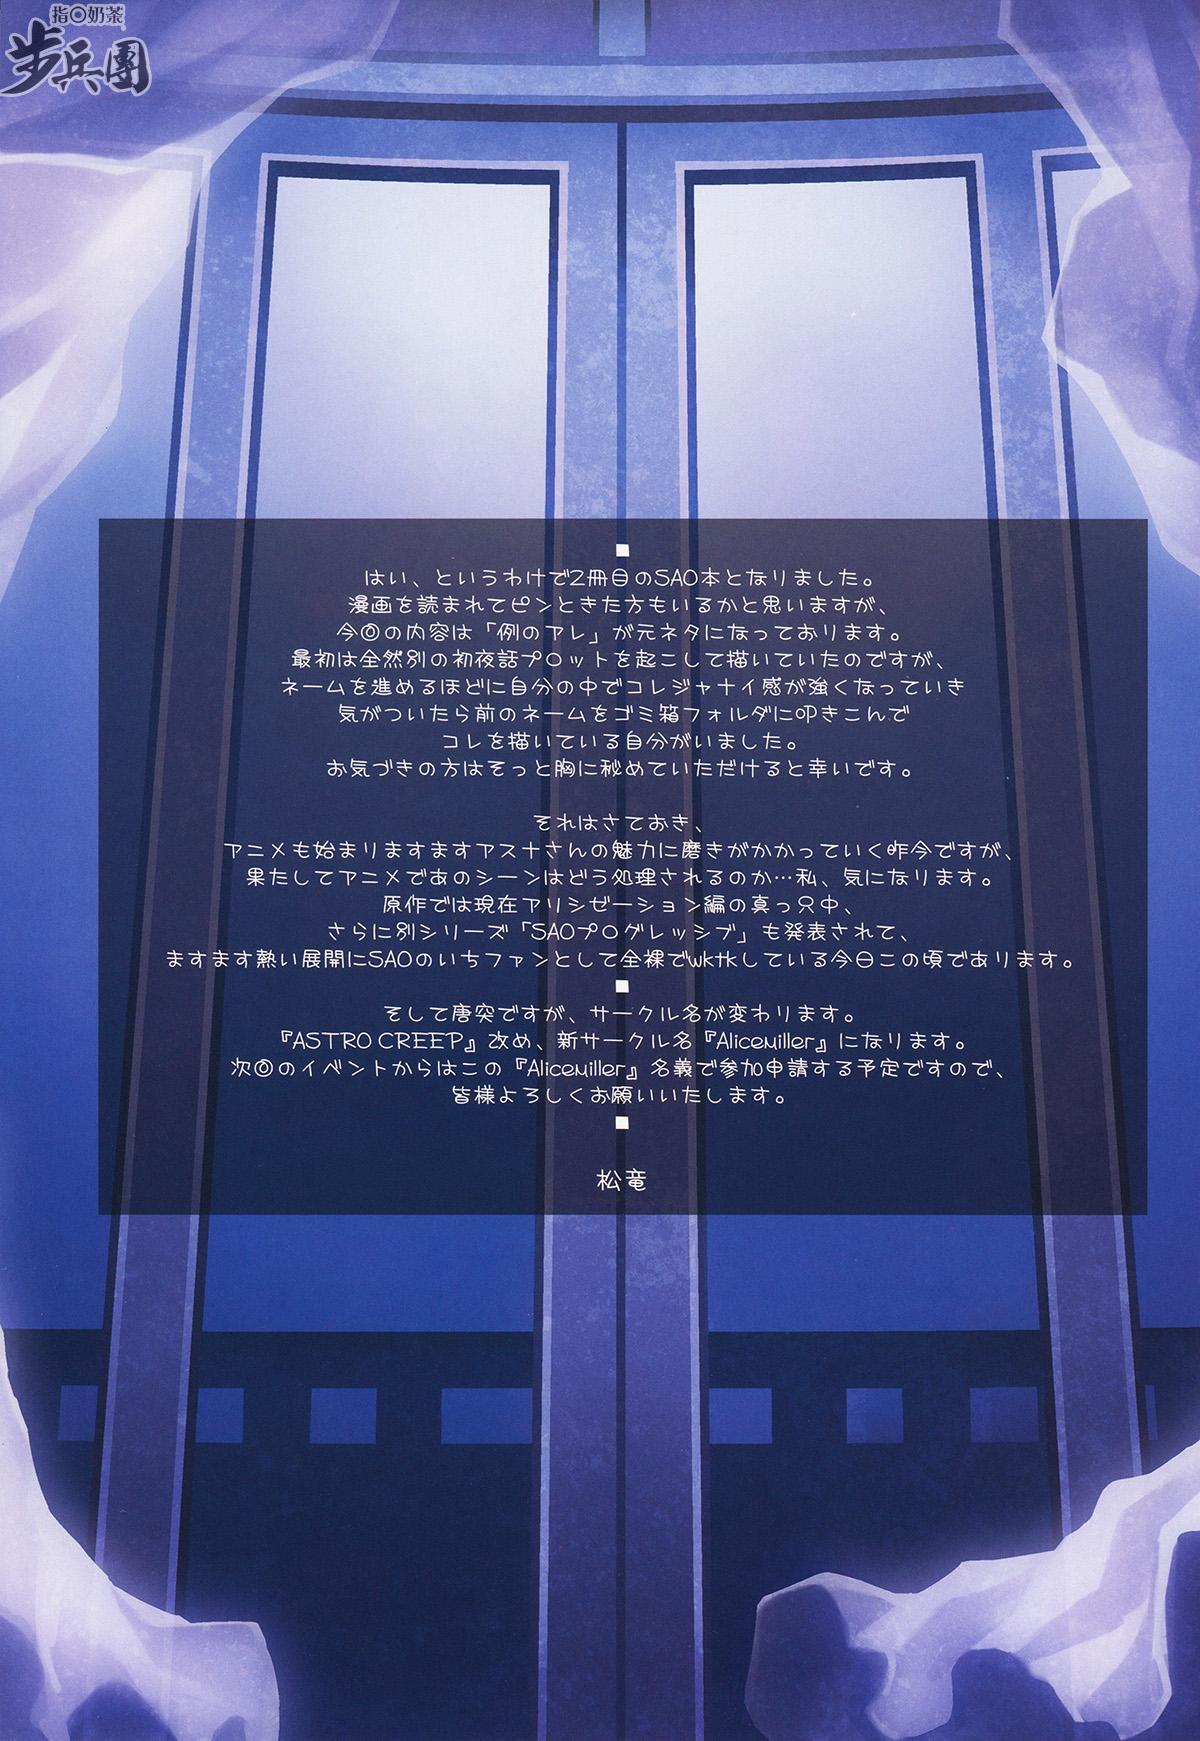 ソードアート・アンリミテッド 25